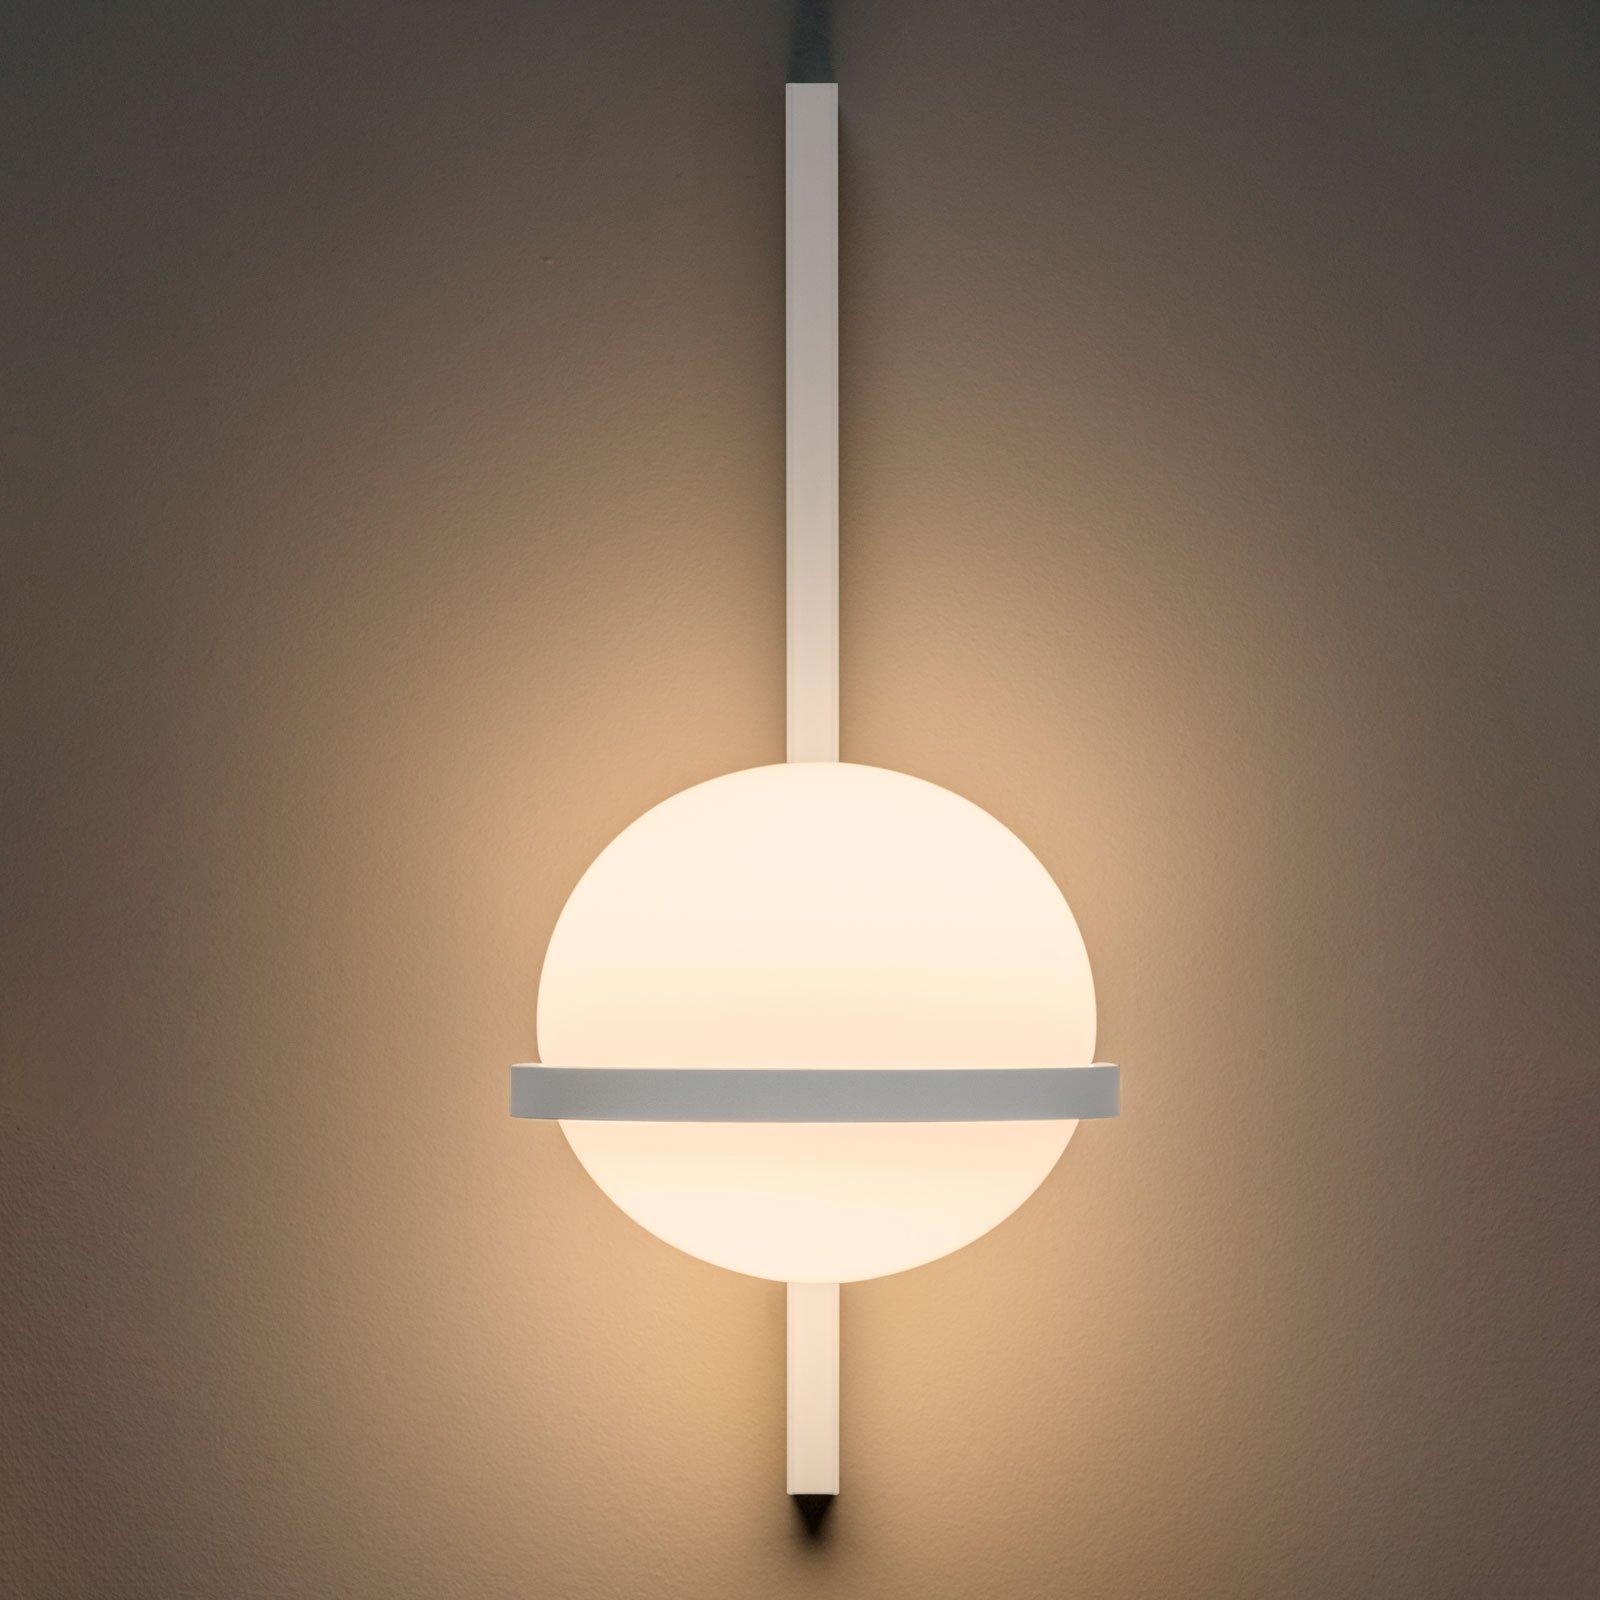 Vibia Palma 3710 LED-vegglampe, hvit